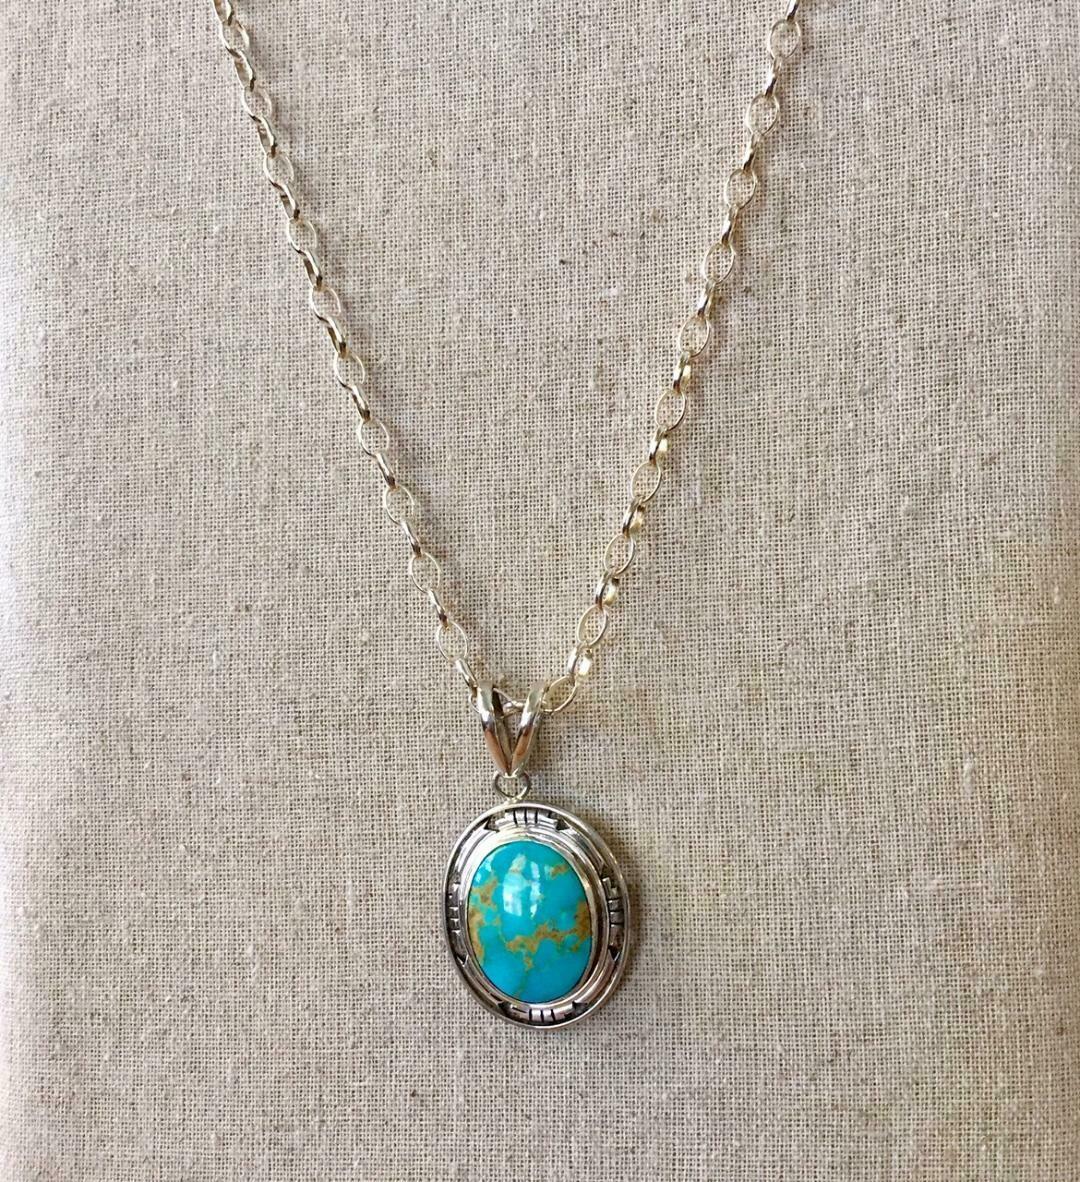 Framed Medallion Necklace